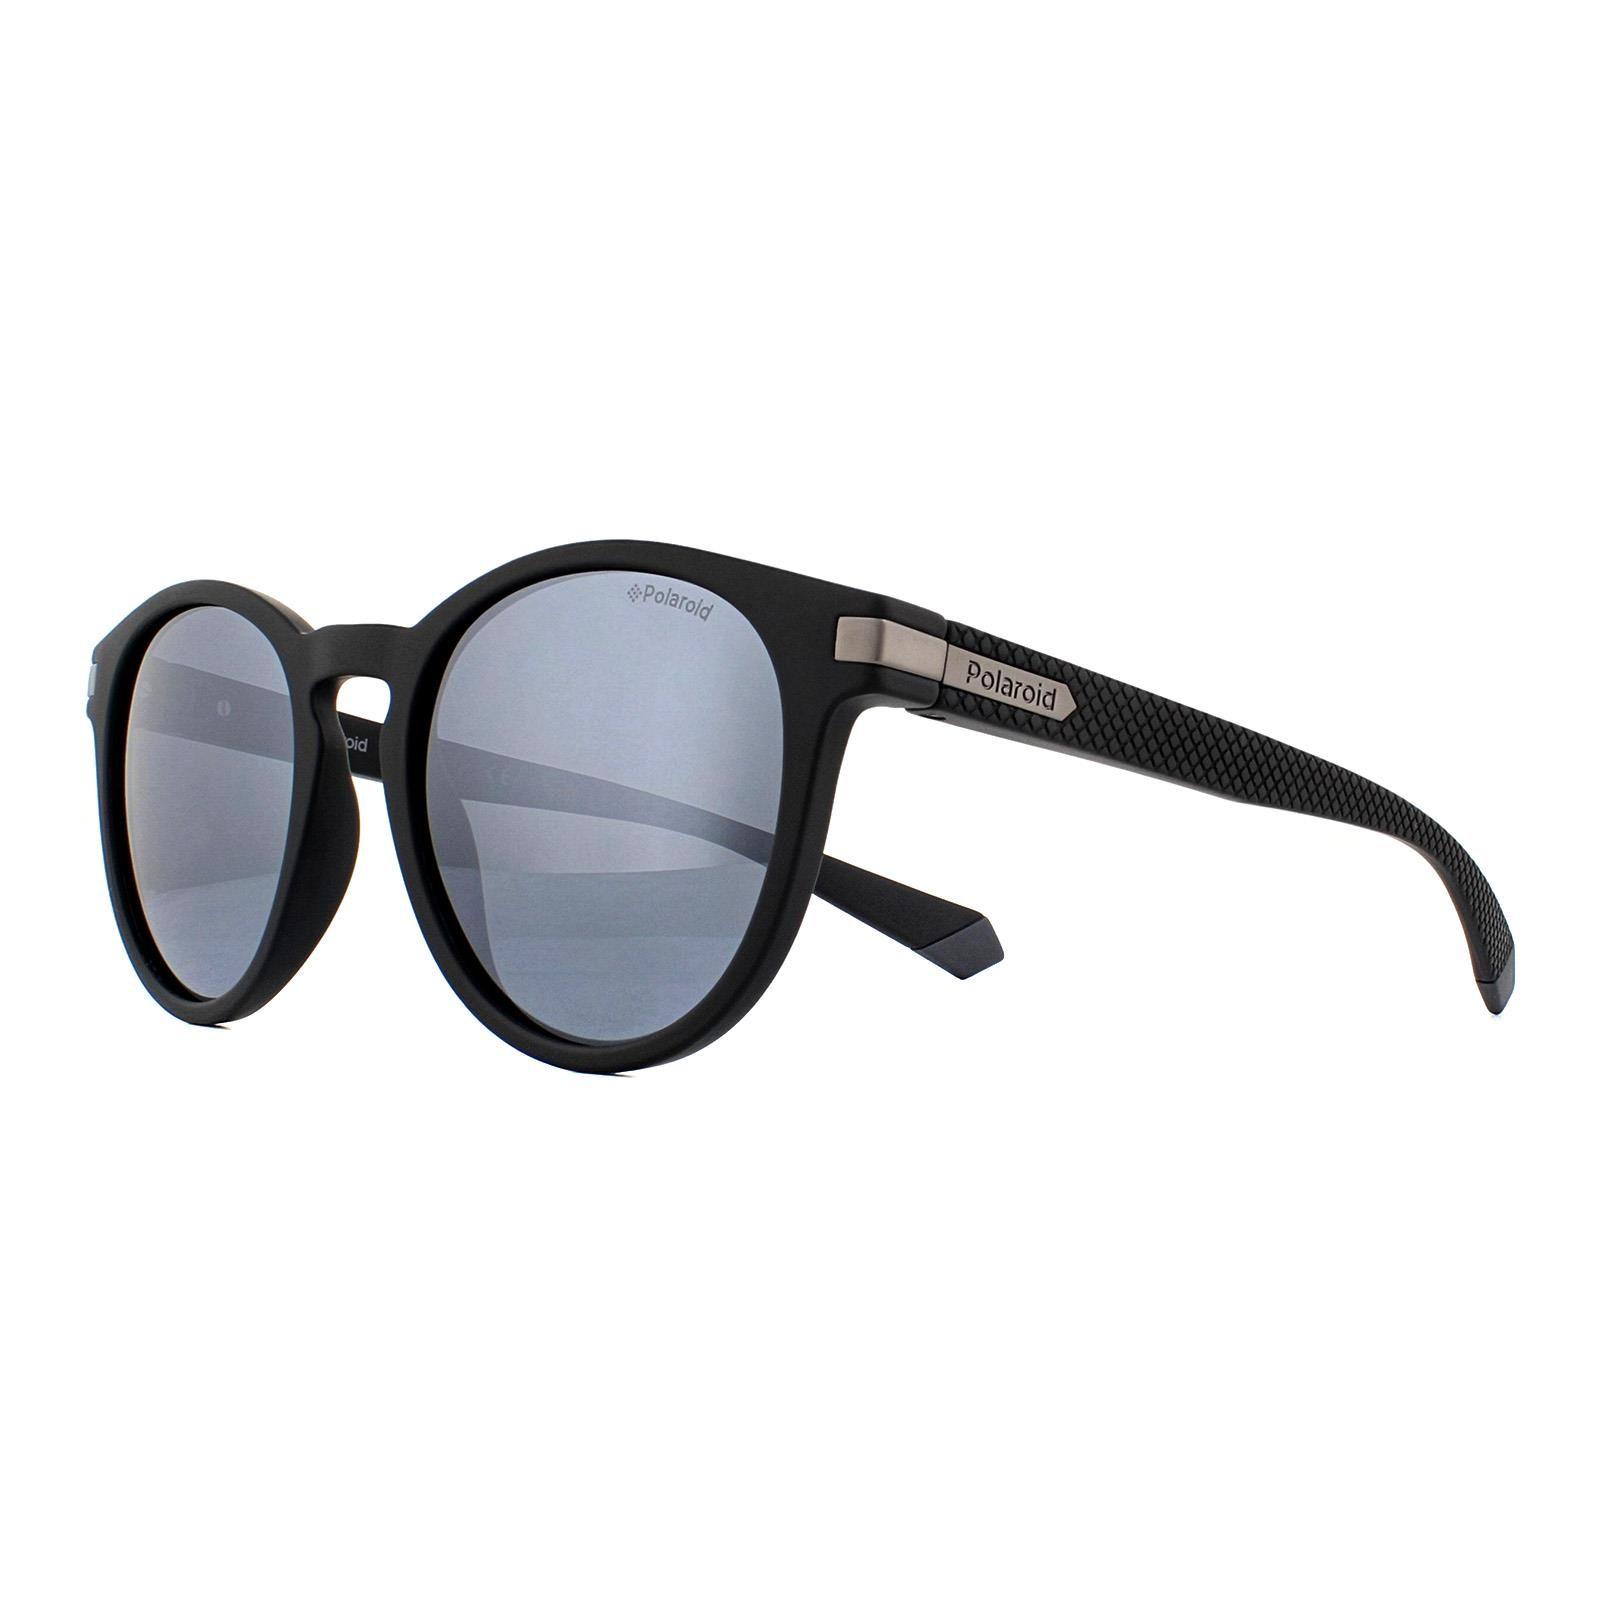 Polaroid Sunglasses PLD 2087/S 003 EX Matte Black Silver Mirror Polarized